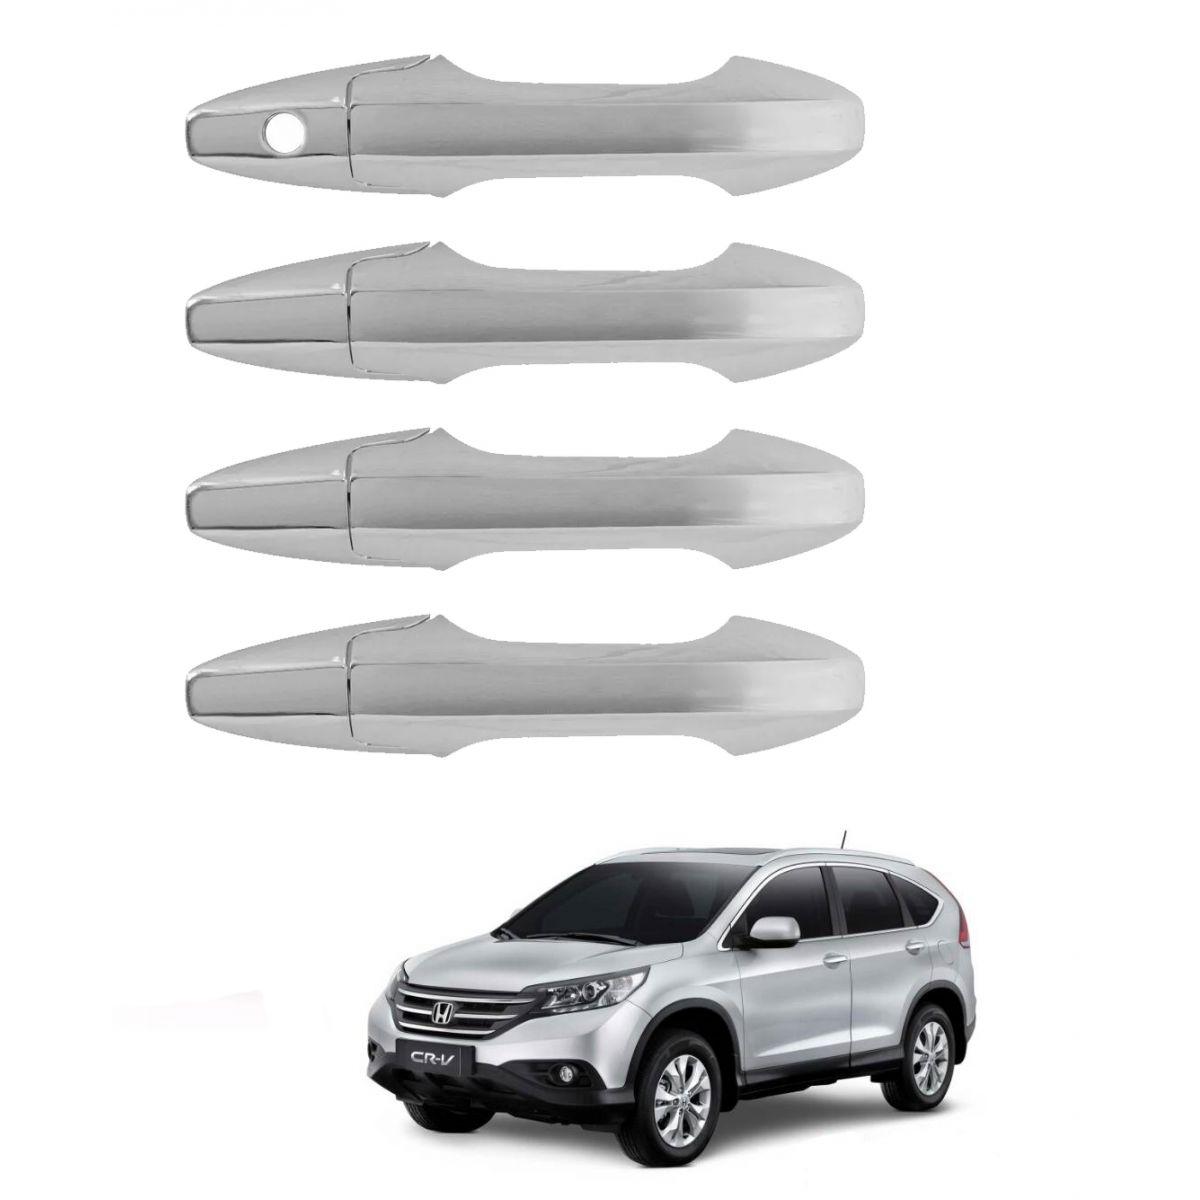 Aplique Cromado de Maçanetas Honda Crv 2012 em diante